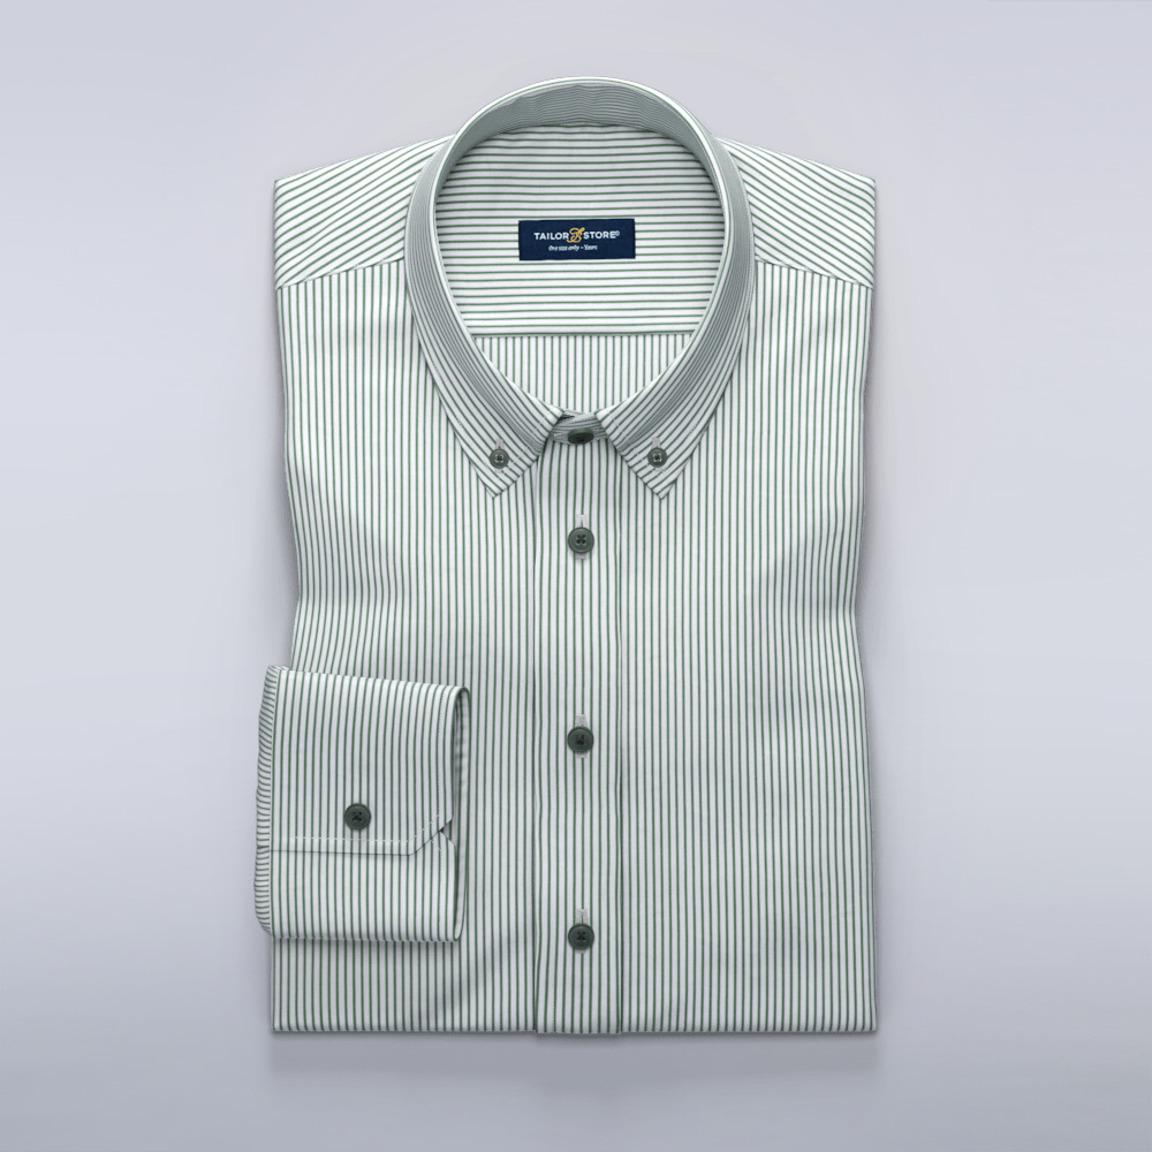 Grønstribet business-skjorte med silkeagtig finish